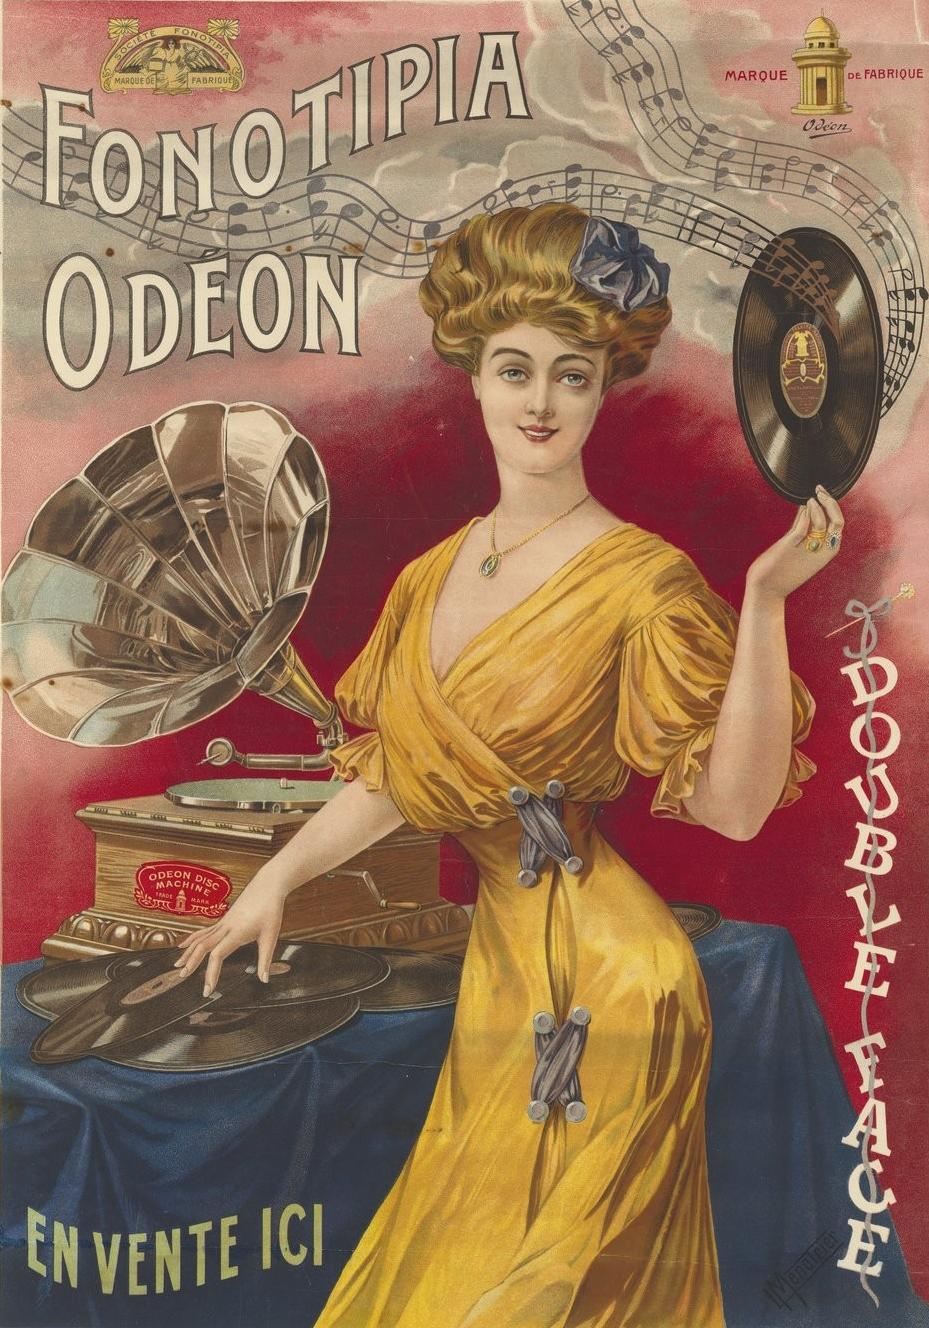 fonotipia-affiche_fonotipia_odeon.png